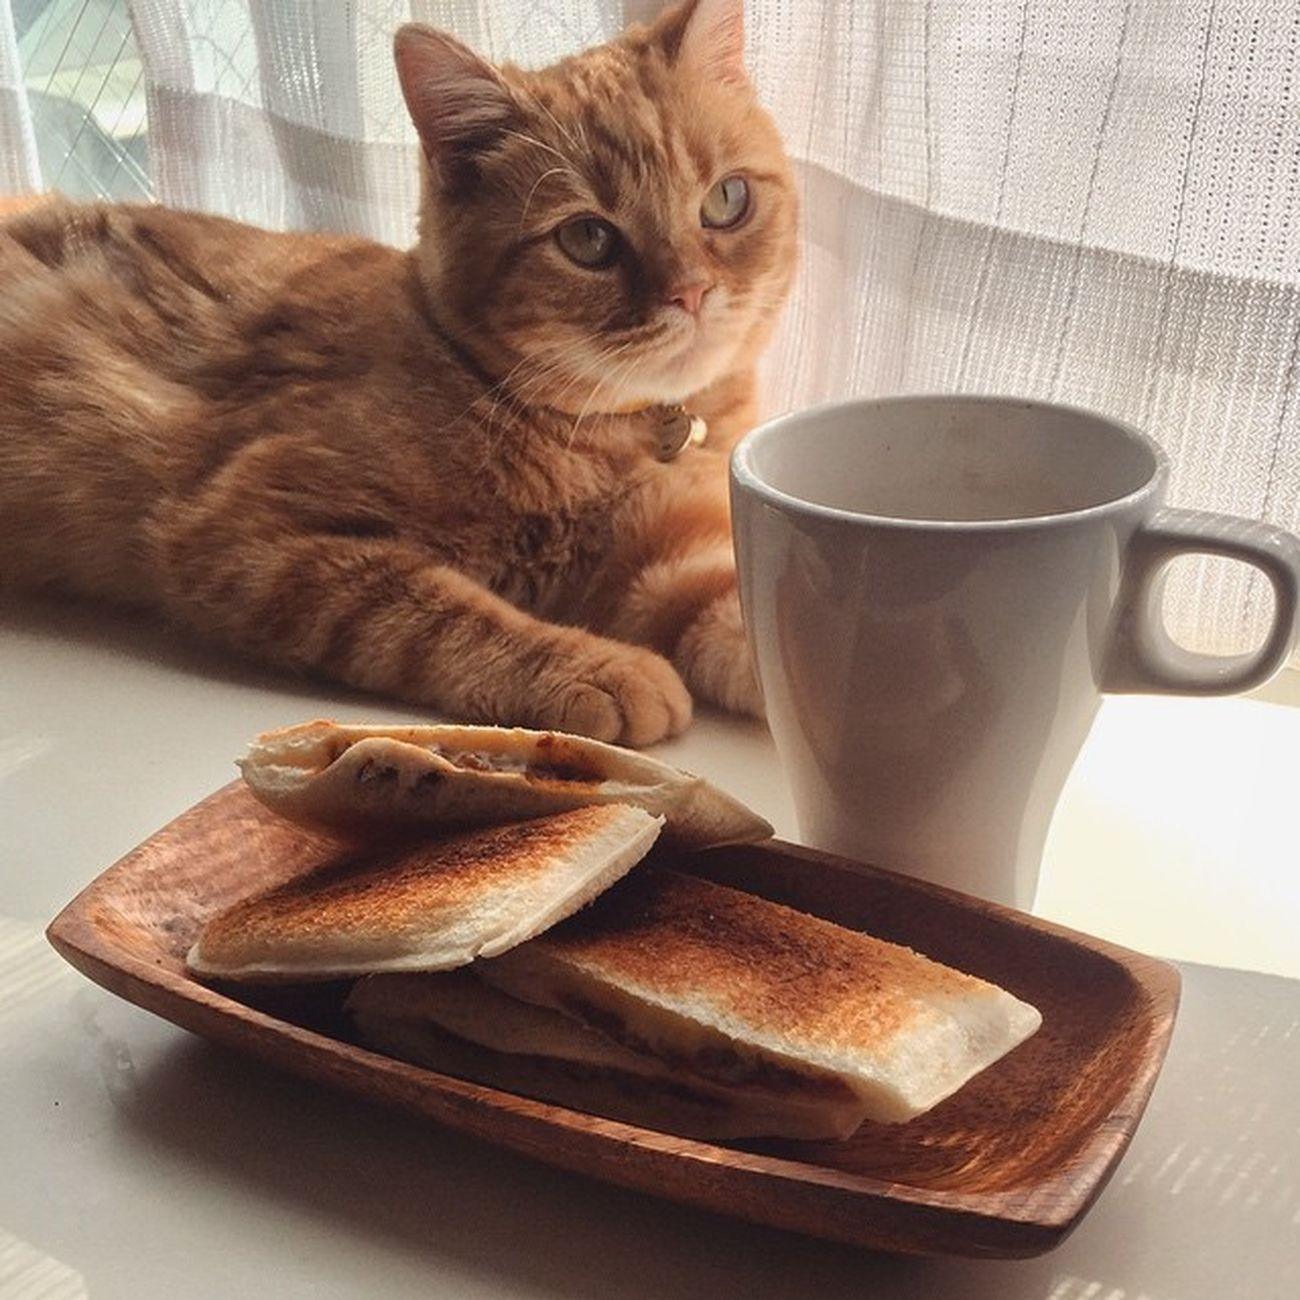 """朝ごはん ランチパック フジパン 元祖スナックサンド ホットサンド cat neko ねこ 猫 ネコ cats スコティッシュフォールド scottishfold 茶トラ ロロ lolo コケティッシュフォールド コケティッシュホールド 簡単ホットサンド…ランチパック焼くだけね😆😸💦ちなみにこれはヤマザキの""""ランチパック""""でなくて…フジパンの""""元祖スナックサンド""""ですよ…元祖ってくらいだからランチパックより前に出てたのだろうか?"""